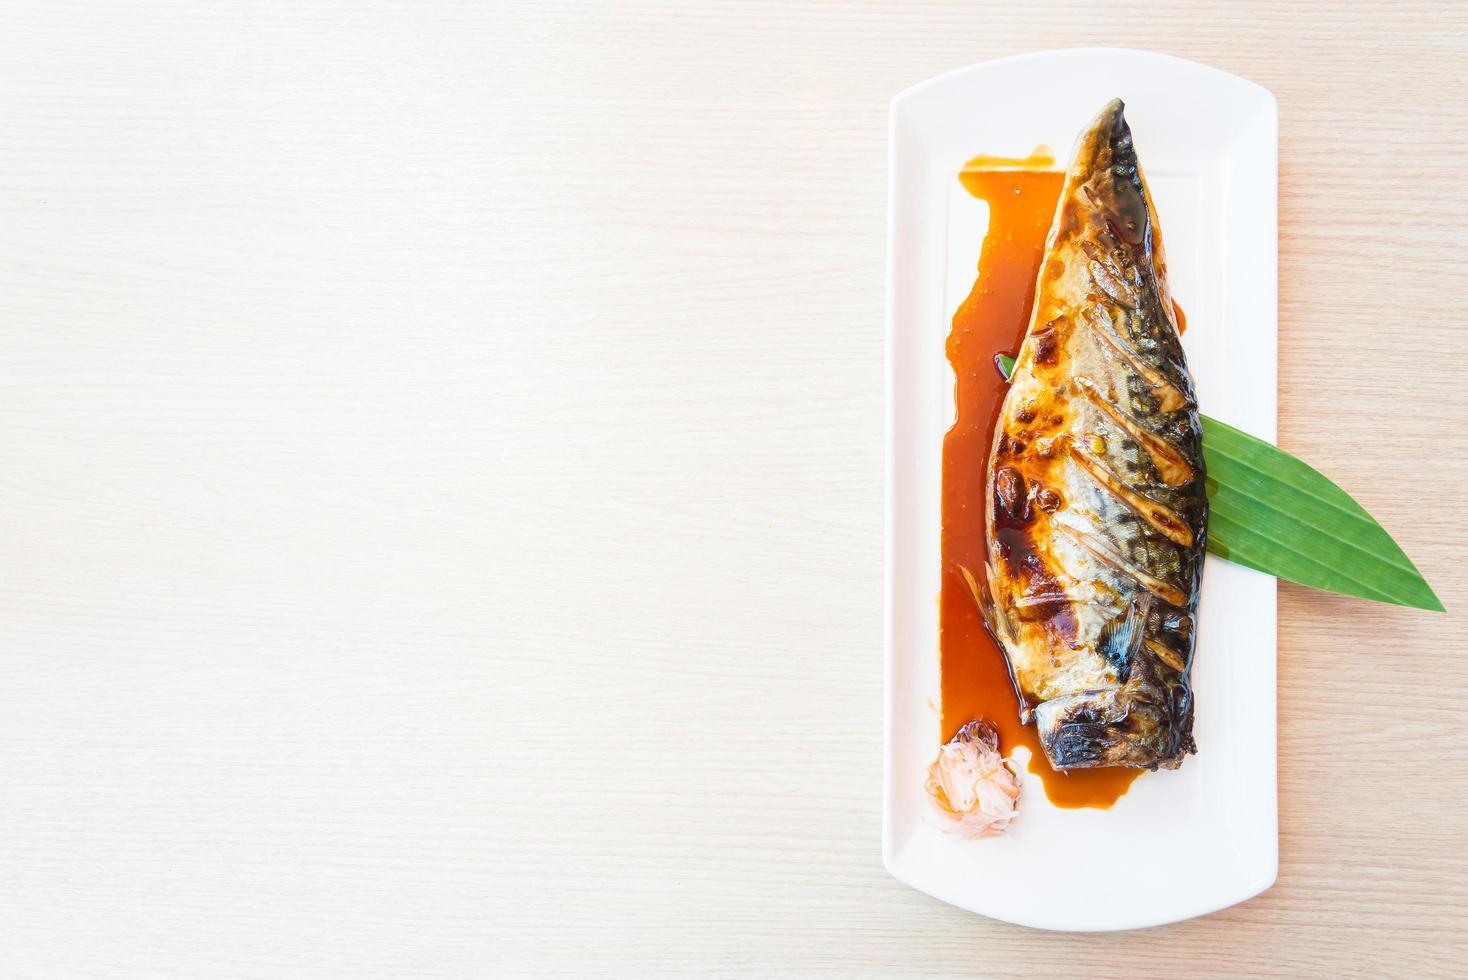 gegrilde saba-vis met zoete saus erop foto